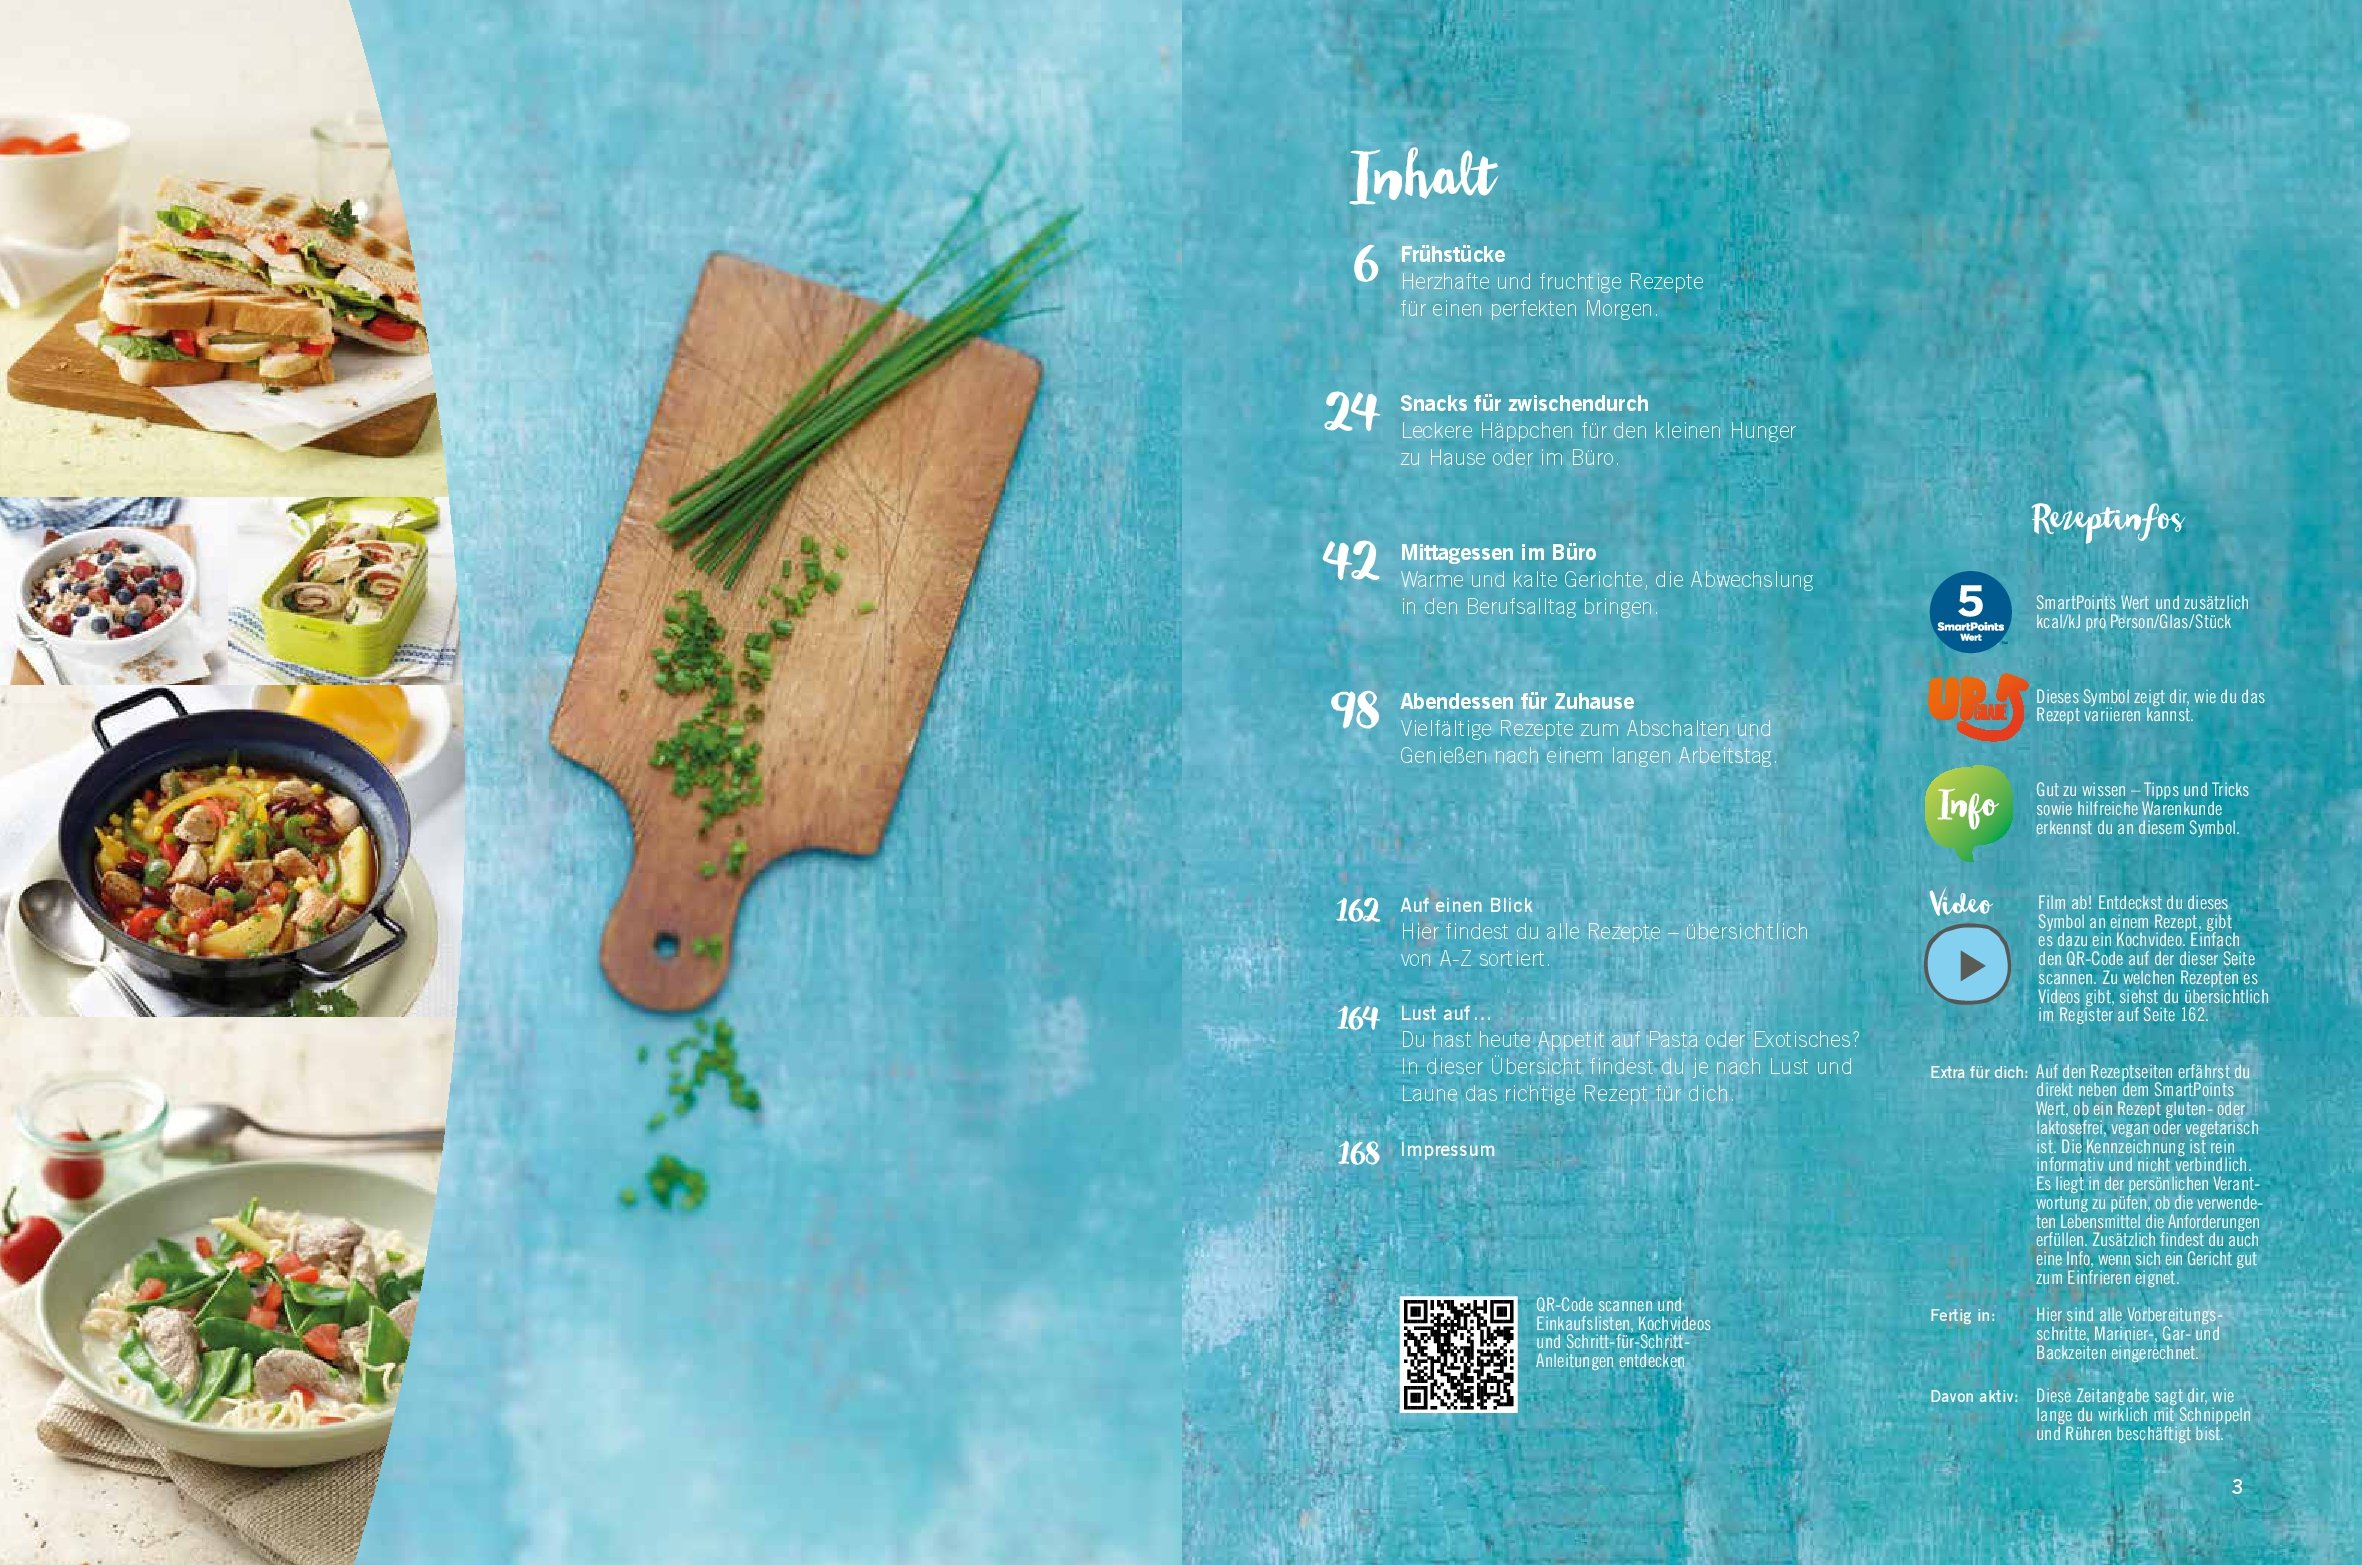 Outdoor Küche Vegetarisch : Rezept leichte küche abend motten in küche rückwand kunststoff